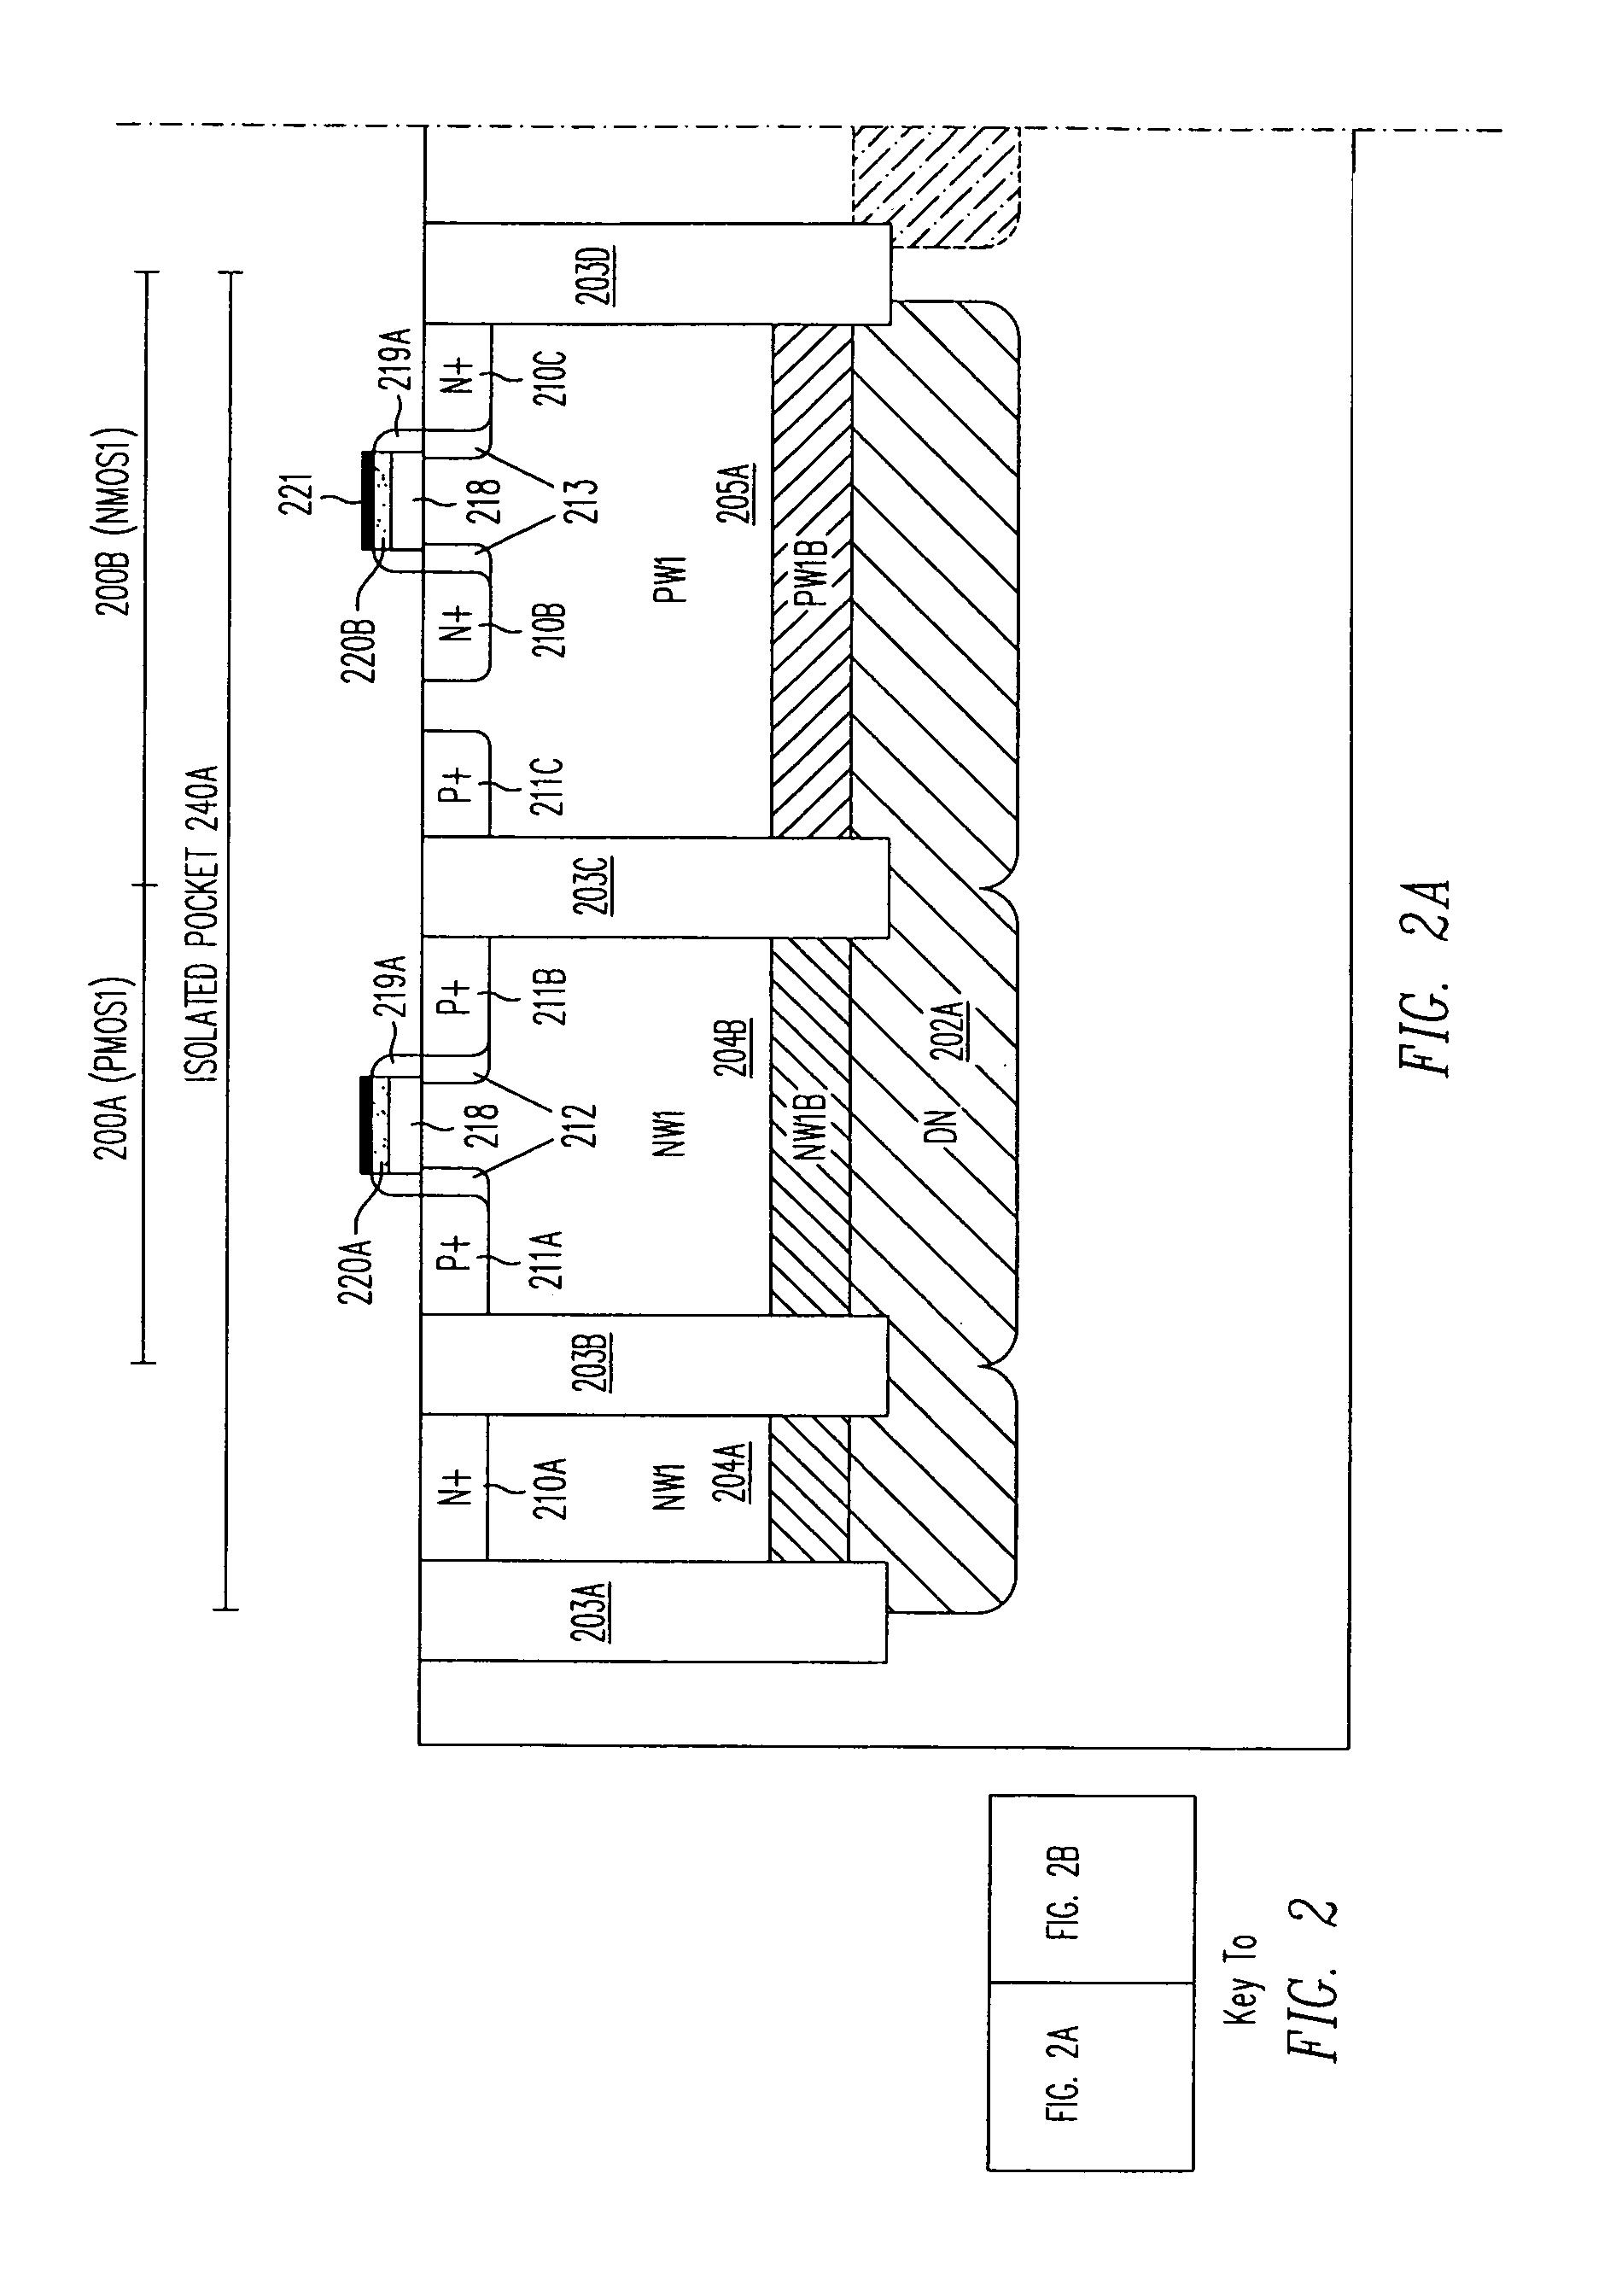 patent us7812403